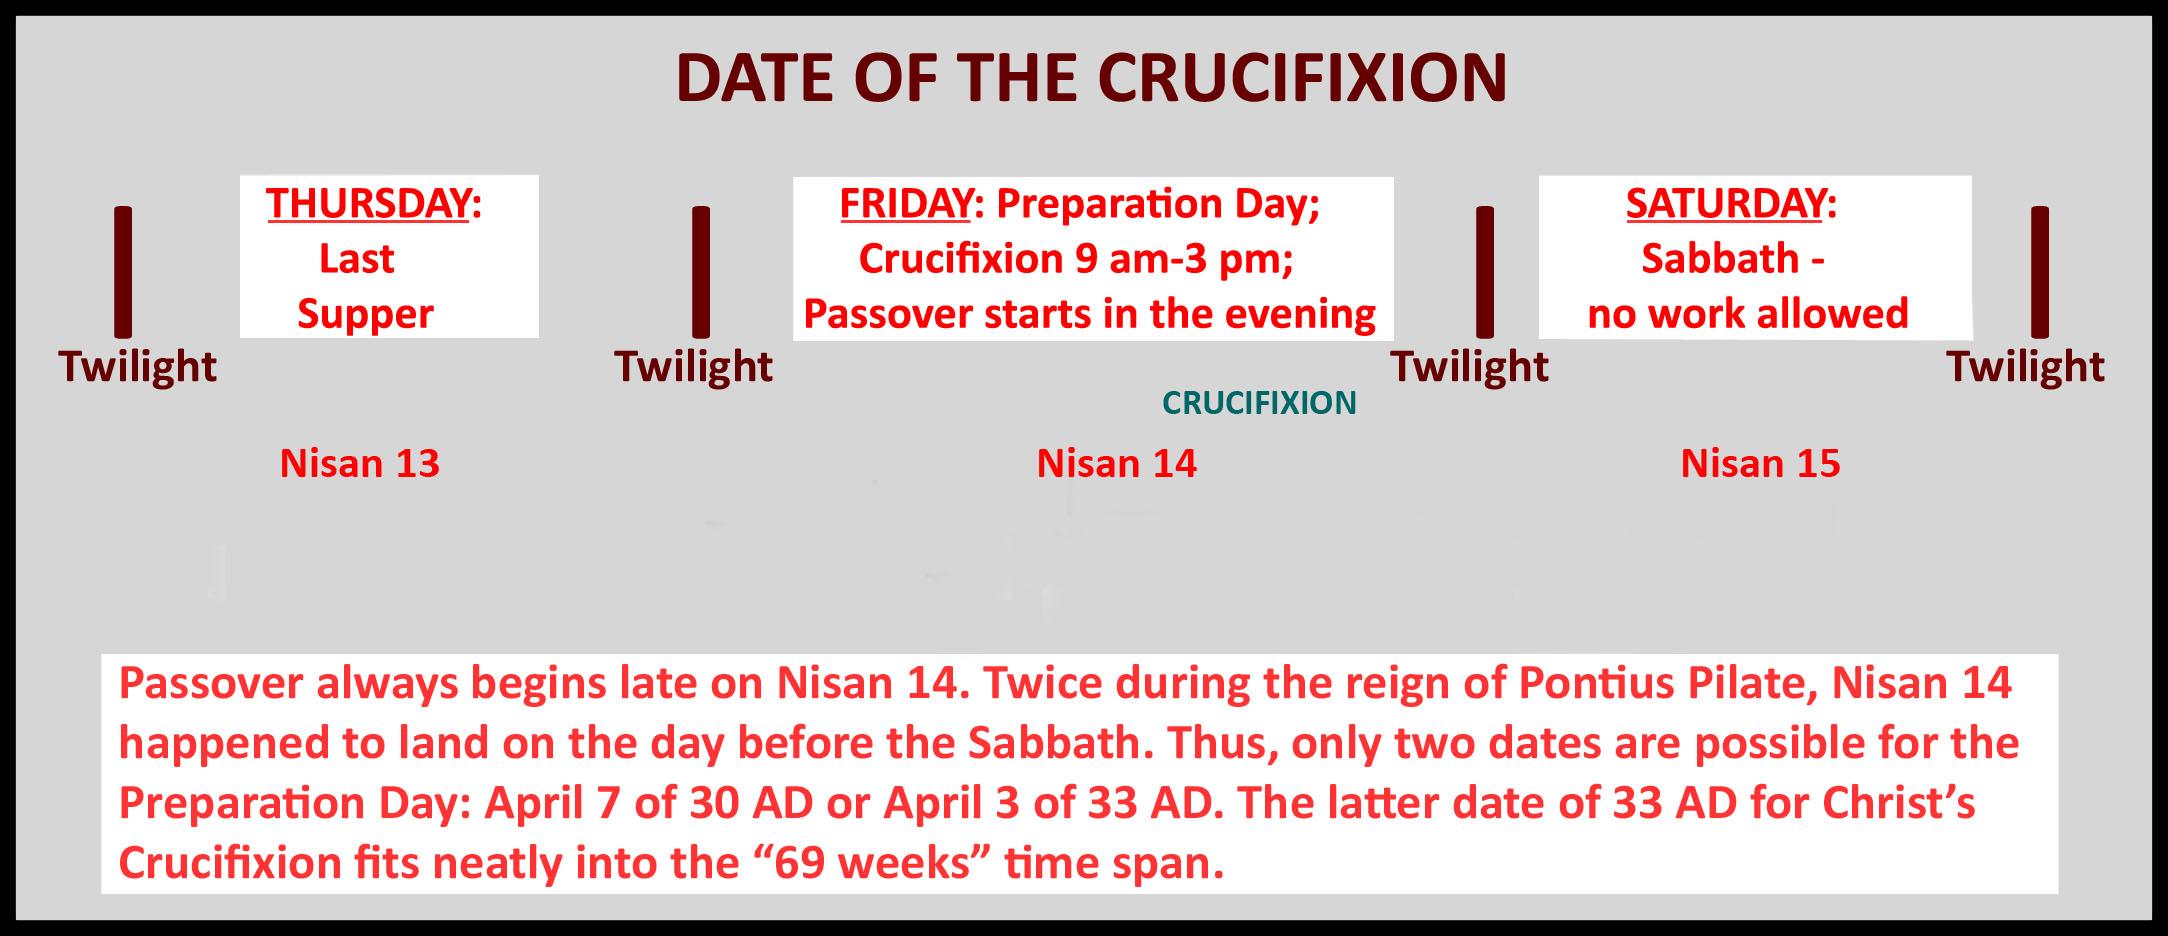 Crucifixion date copy